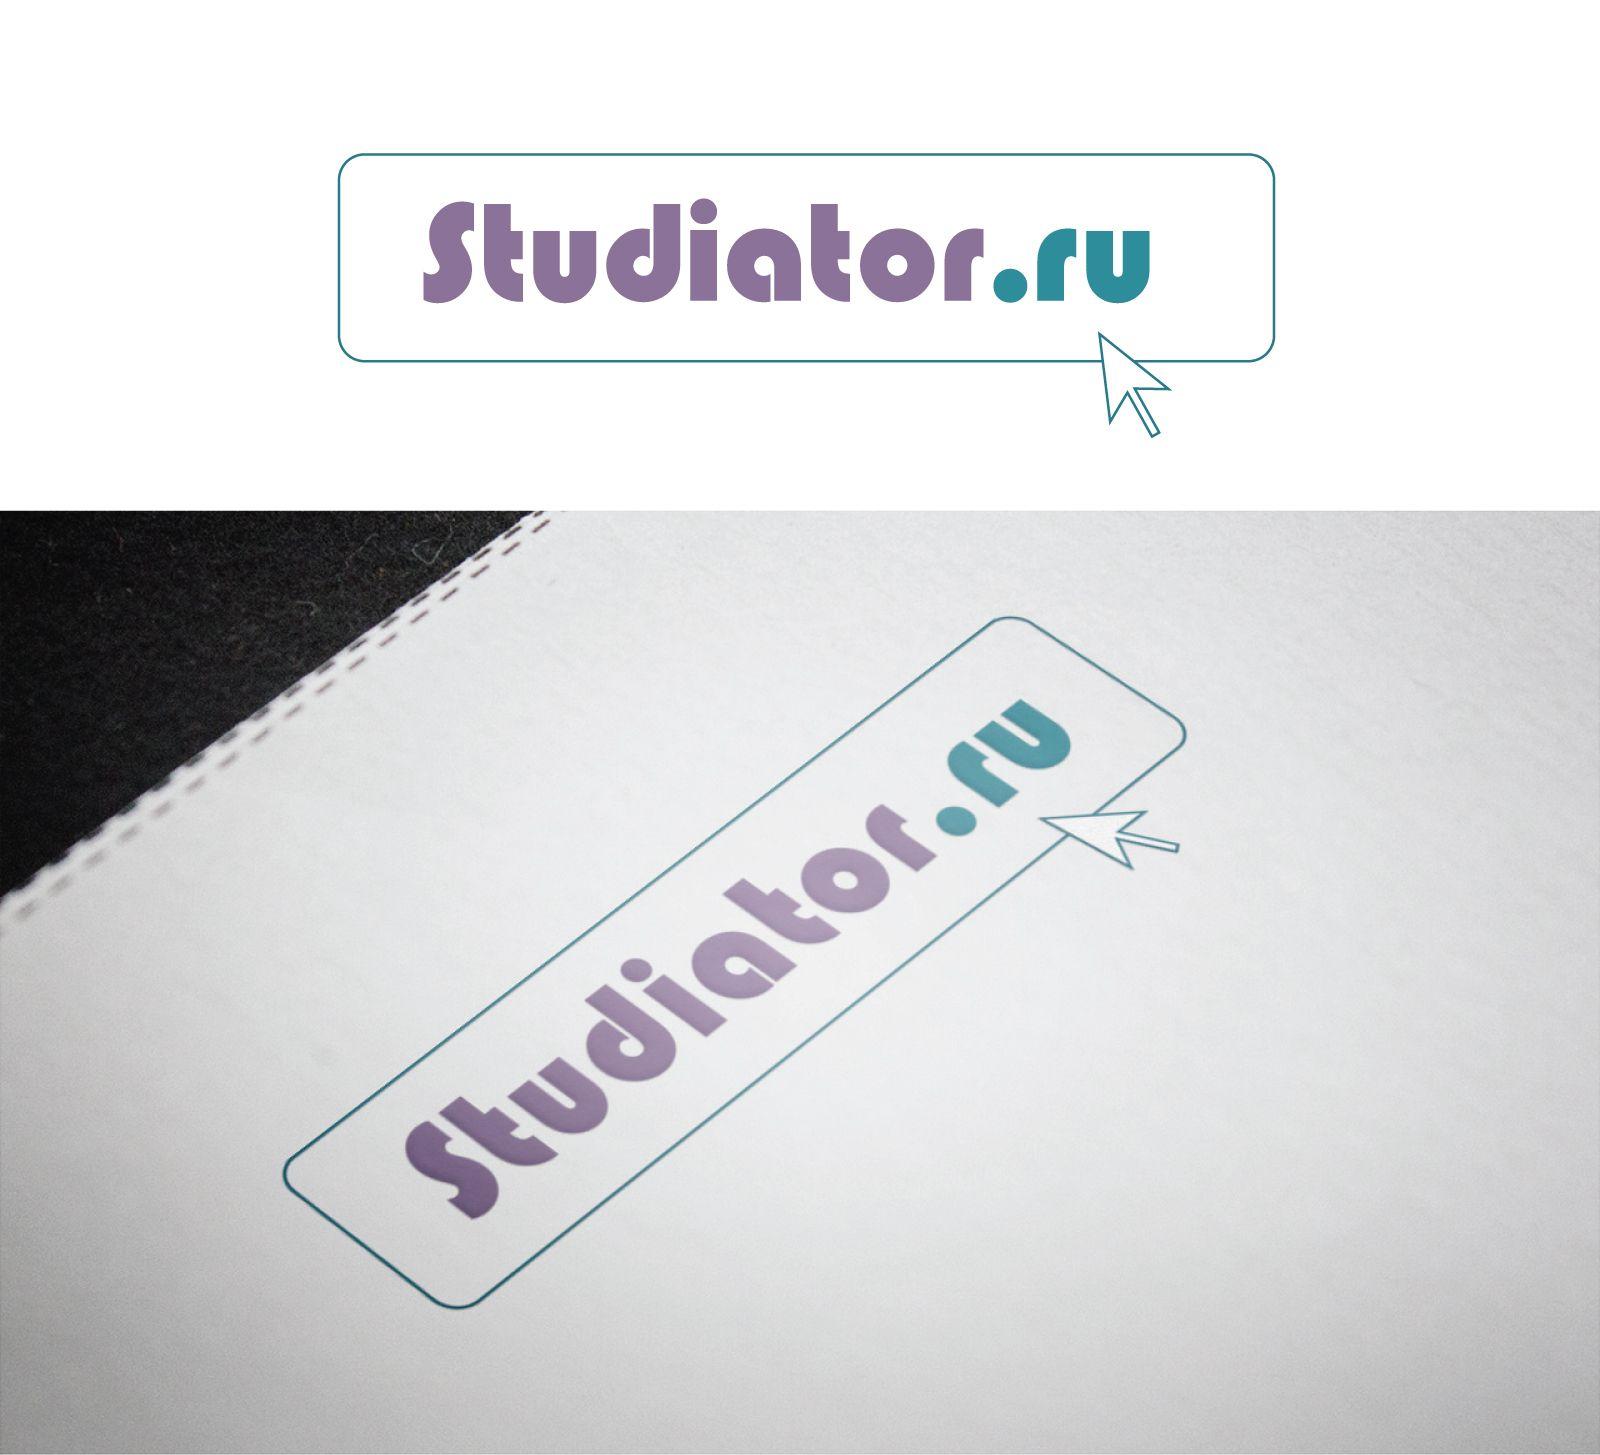 Логотип для каталога студий Веб-дизайна - дизайнер vook23